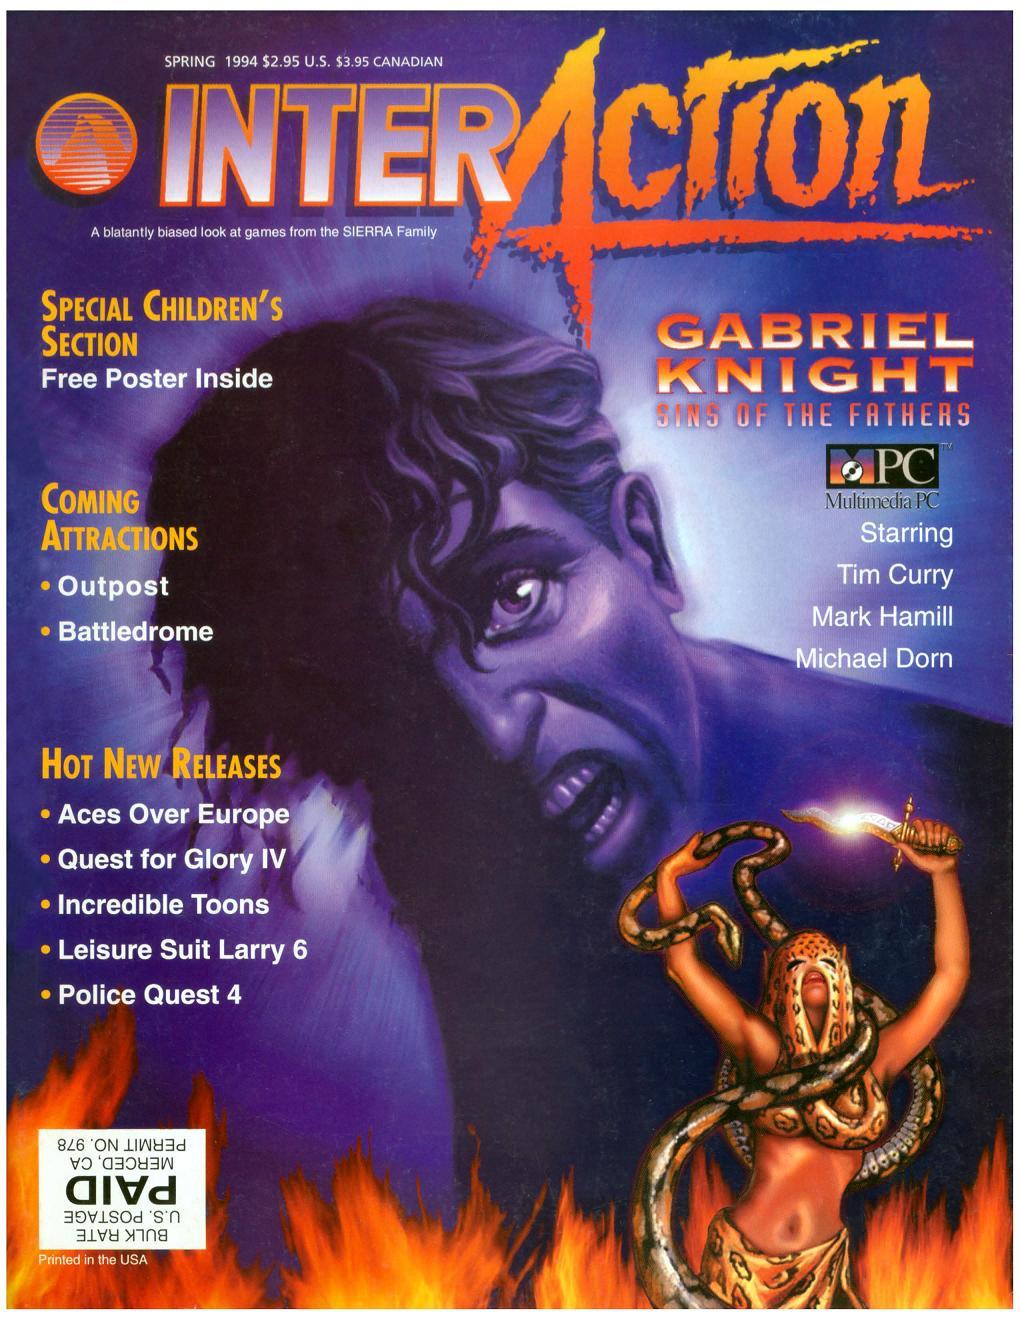 Egy sokadik Sierra kiadvány, az Inter Action magazin 1994 tavaszi száma, ahol a Gabriel Knight első részét ajánlják. A játékhoz olyan színészek adták a hangjukat, mint Tim Curry és Mark Hamill.